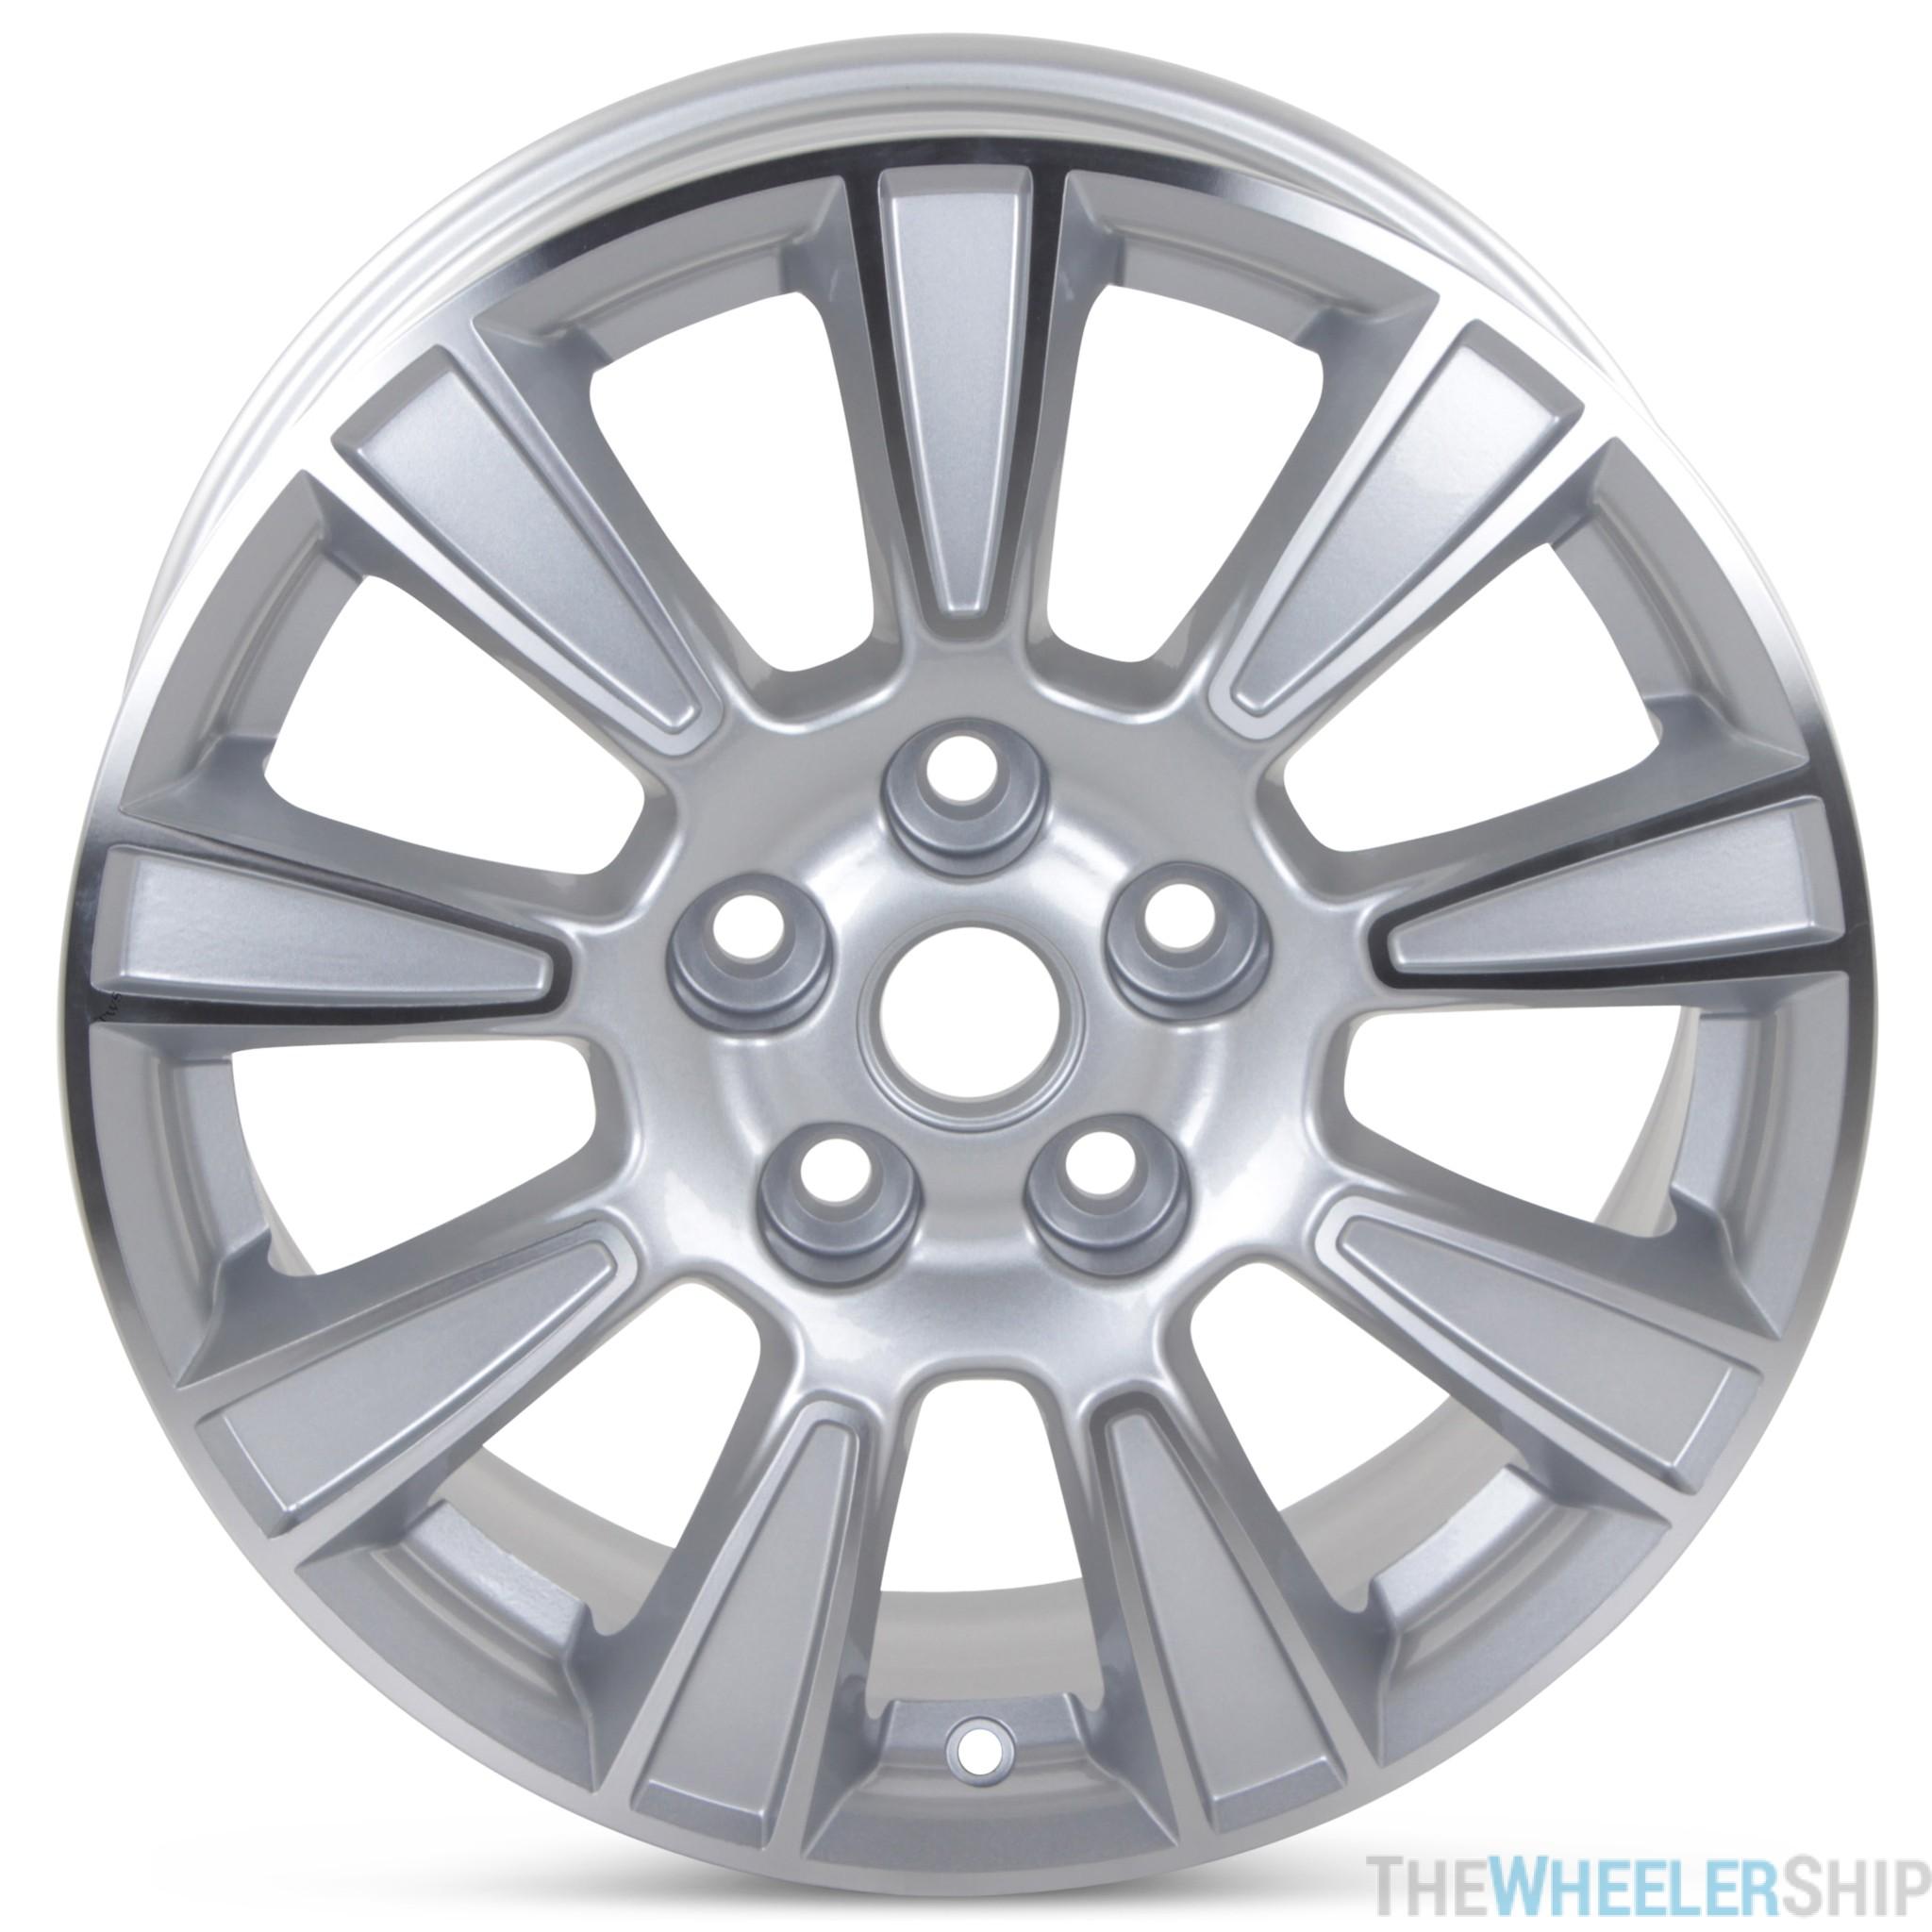 2012-2013 Buick Regal & LaCrosse Wheels